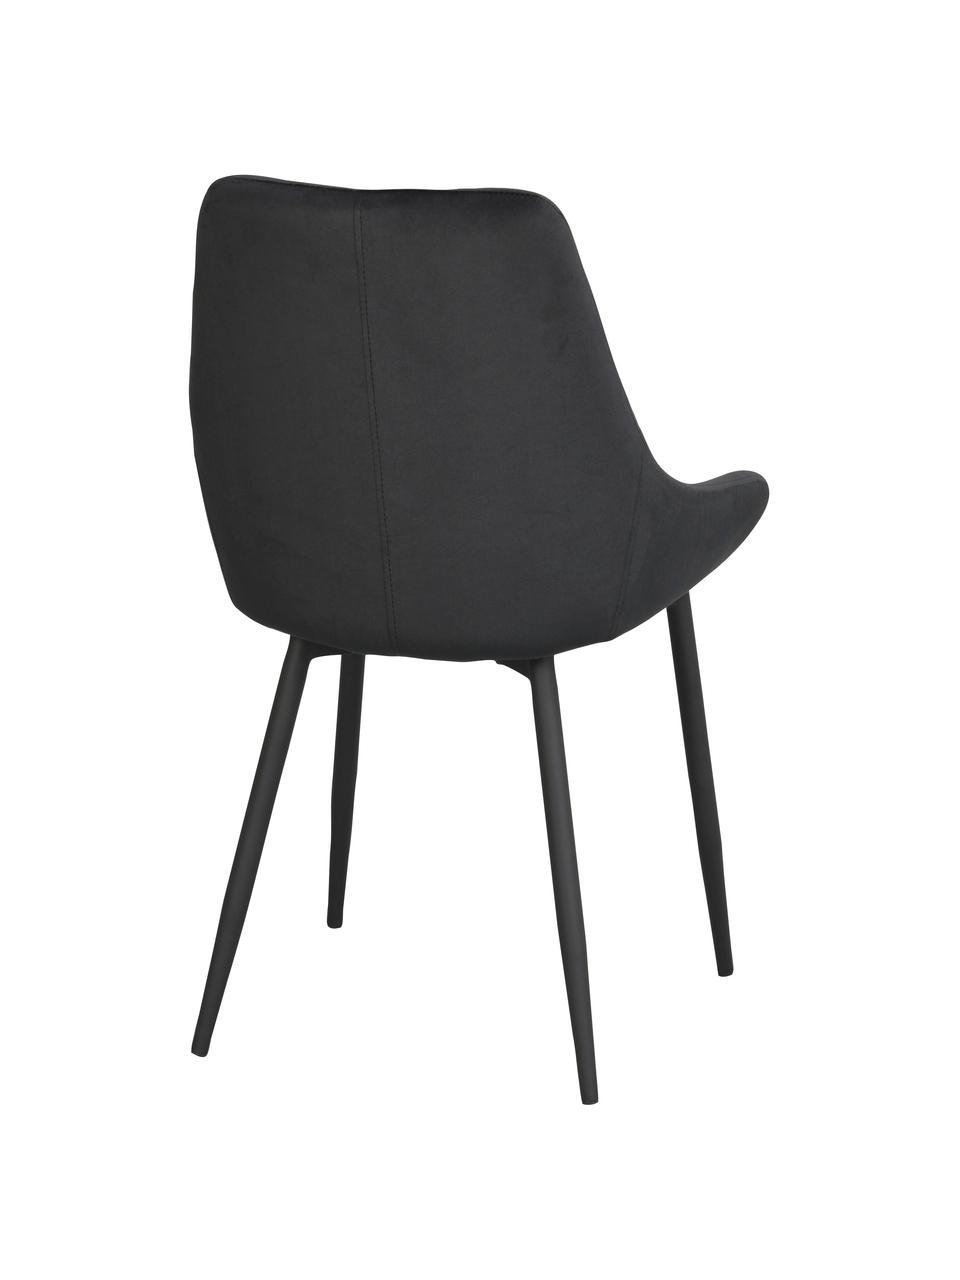 Krzesło tapicerowane z aksamitu Sierra, 2 szt., Tapicerka: 100% aksamit poliestrowy, Nogi: metal lakierowany, Czarny, S 49 x G 55 cm